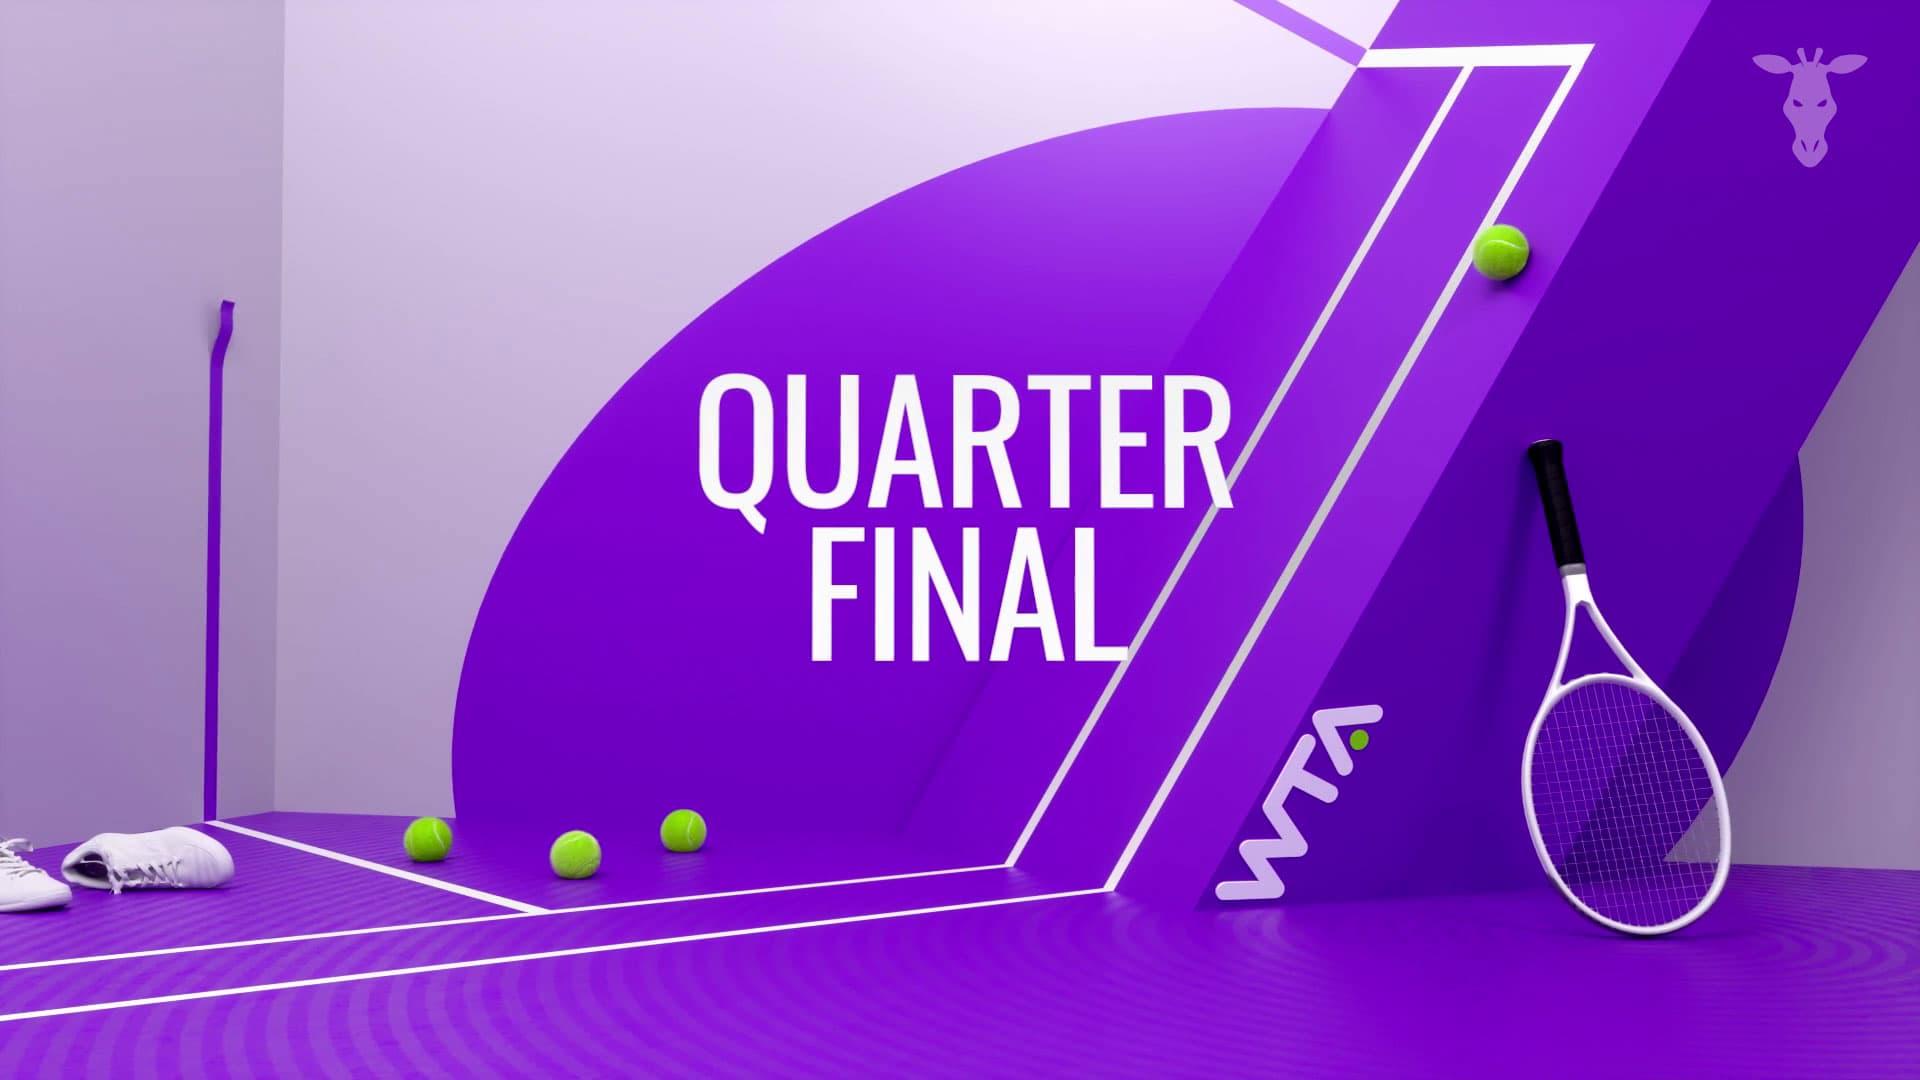 2020 WTA Bumper Stills 03 Girraphic